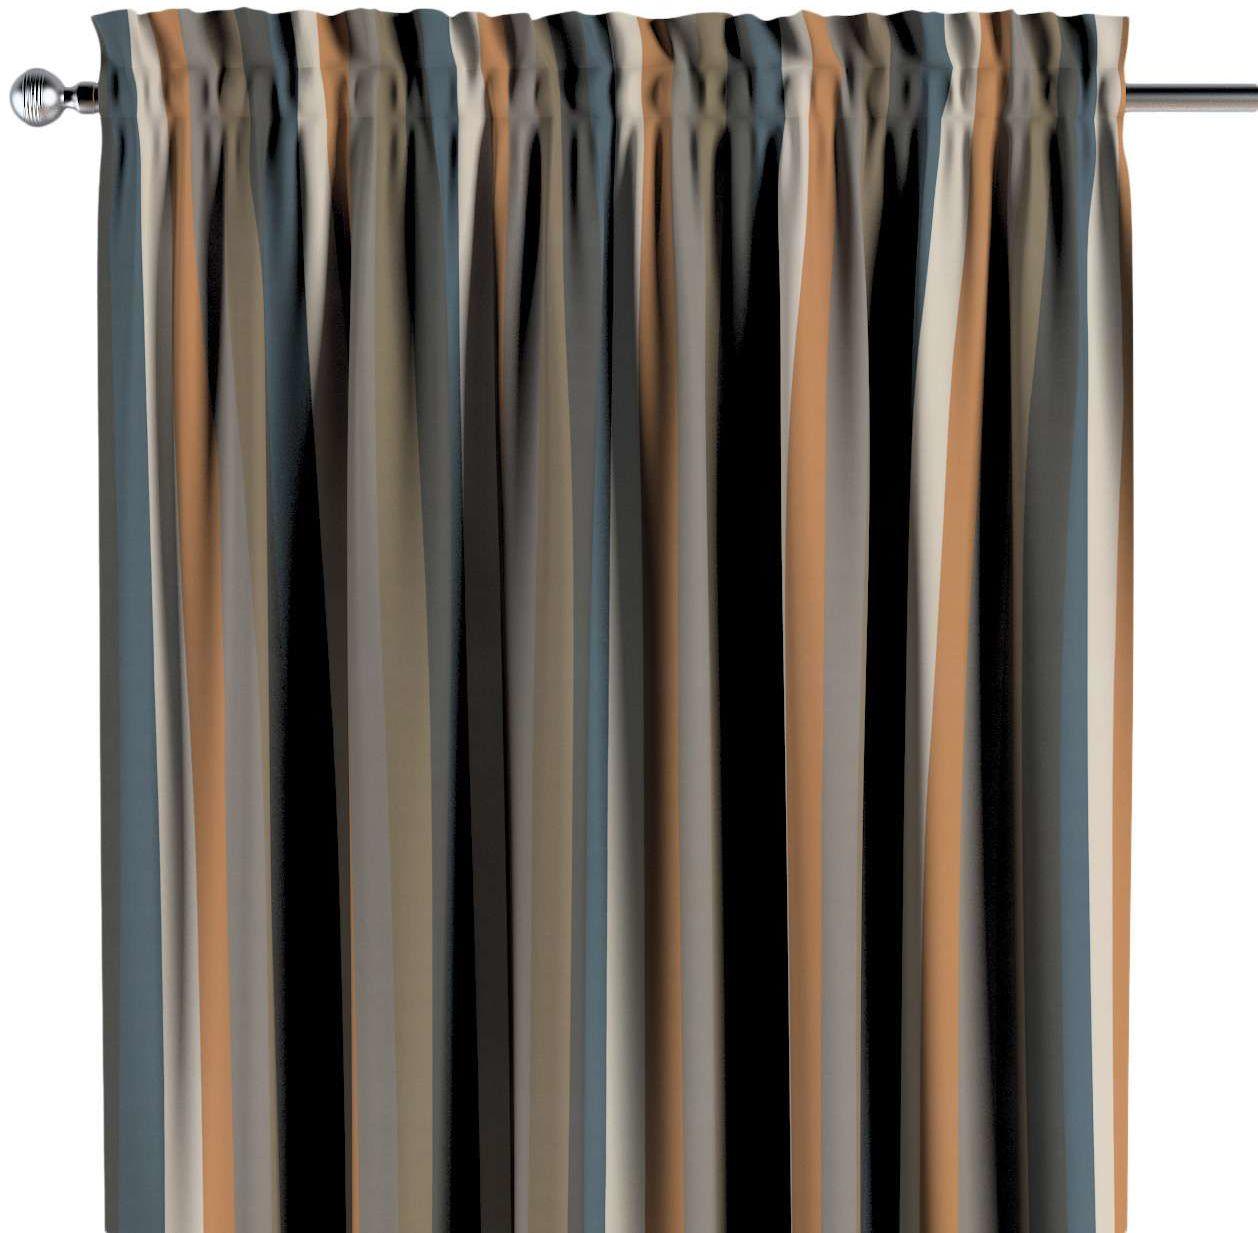 Zasłona na kanale z grzywką 1 szt., kolorowe pasy w rudo-brązowo-niebieskiej kolorystyce, 1szt 130  260 cm, Vintage 70''s